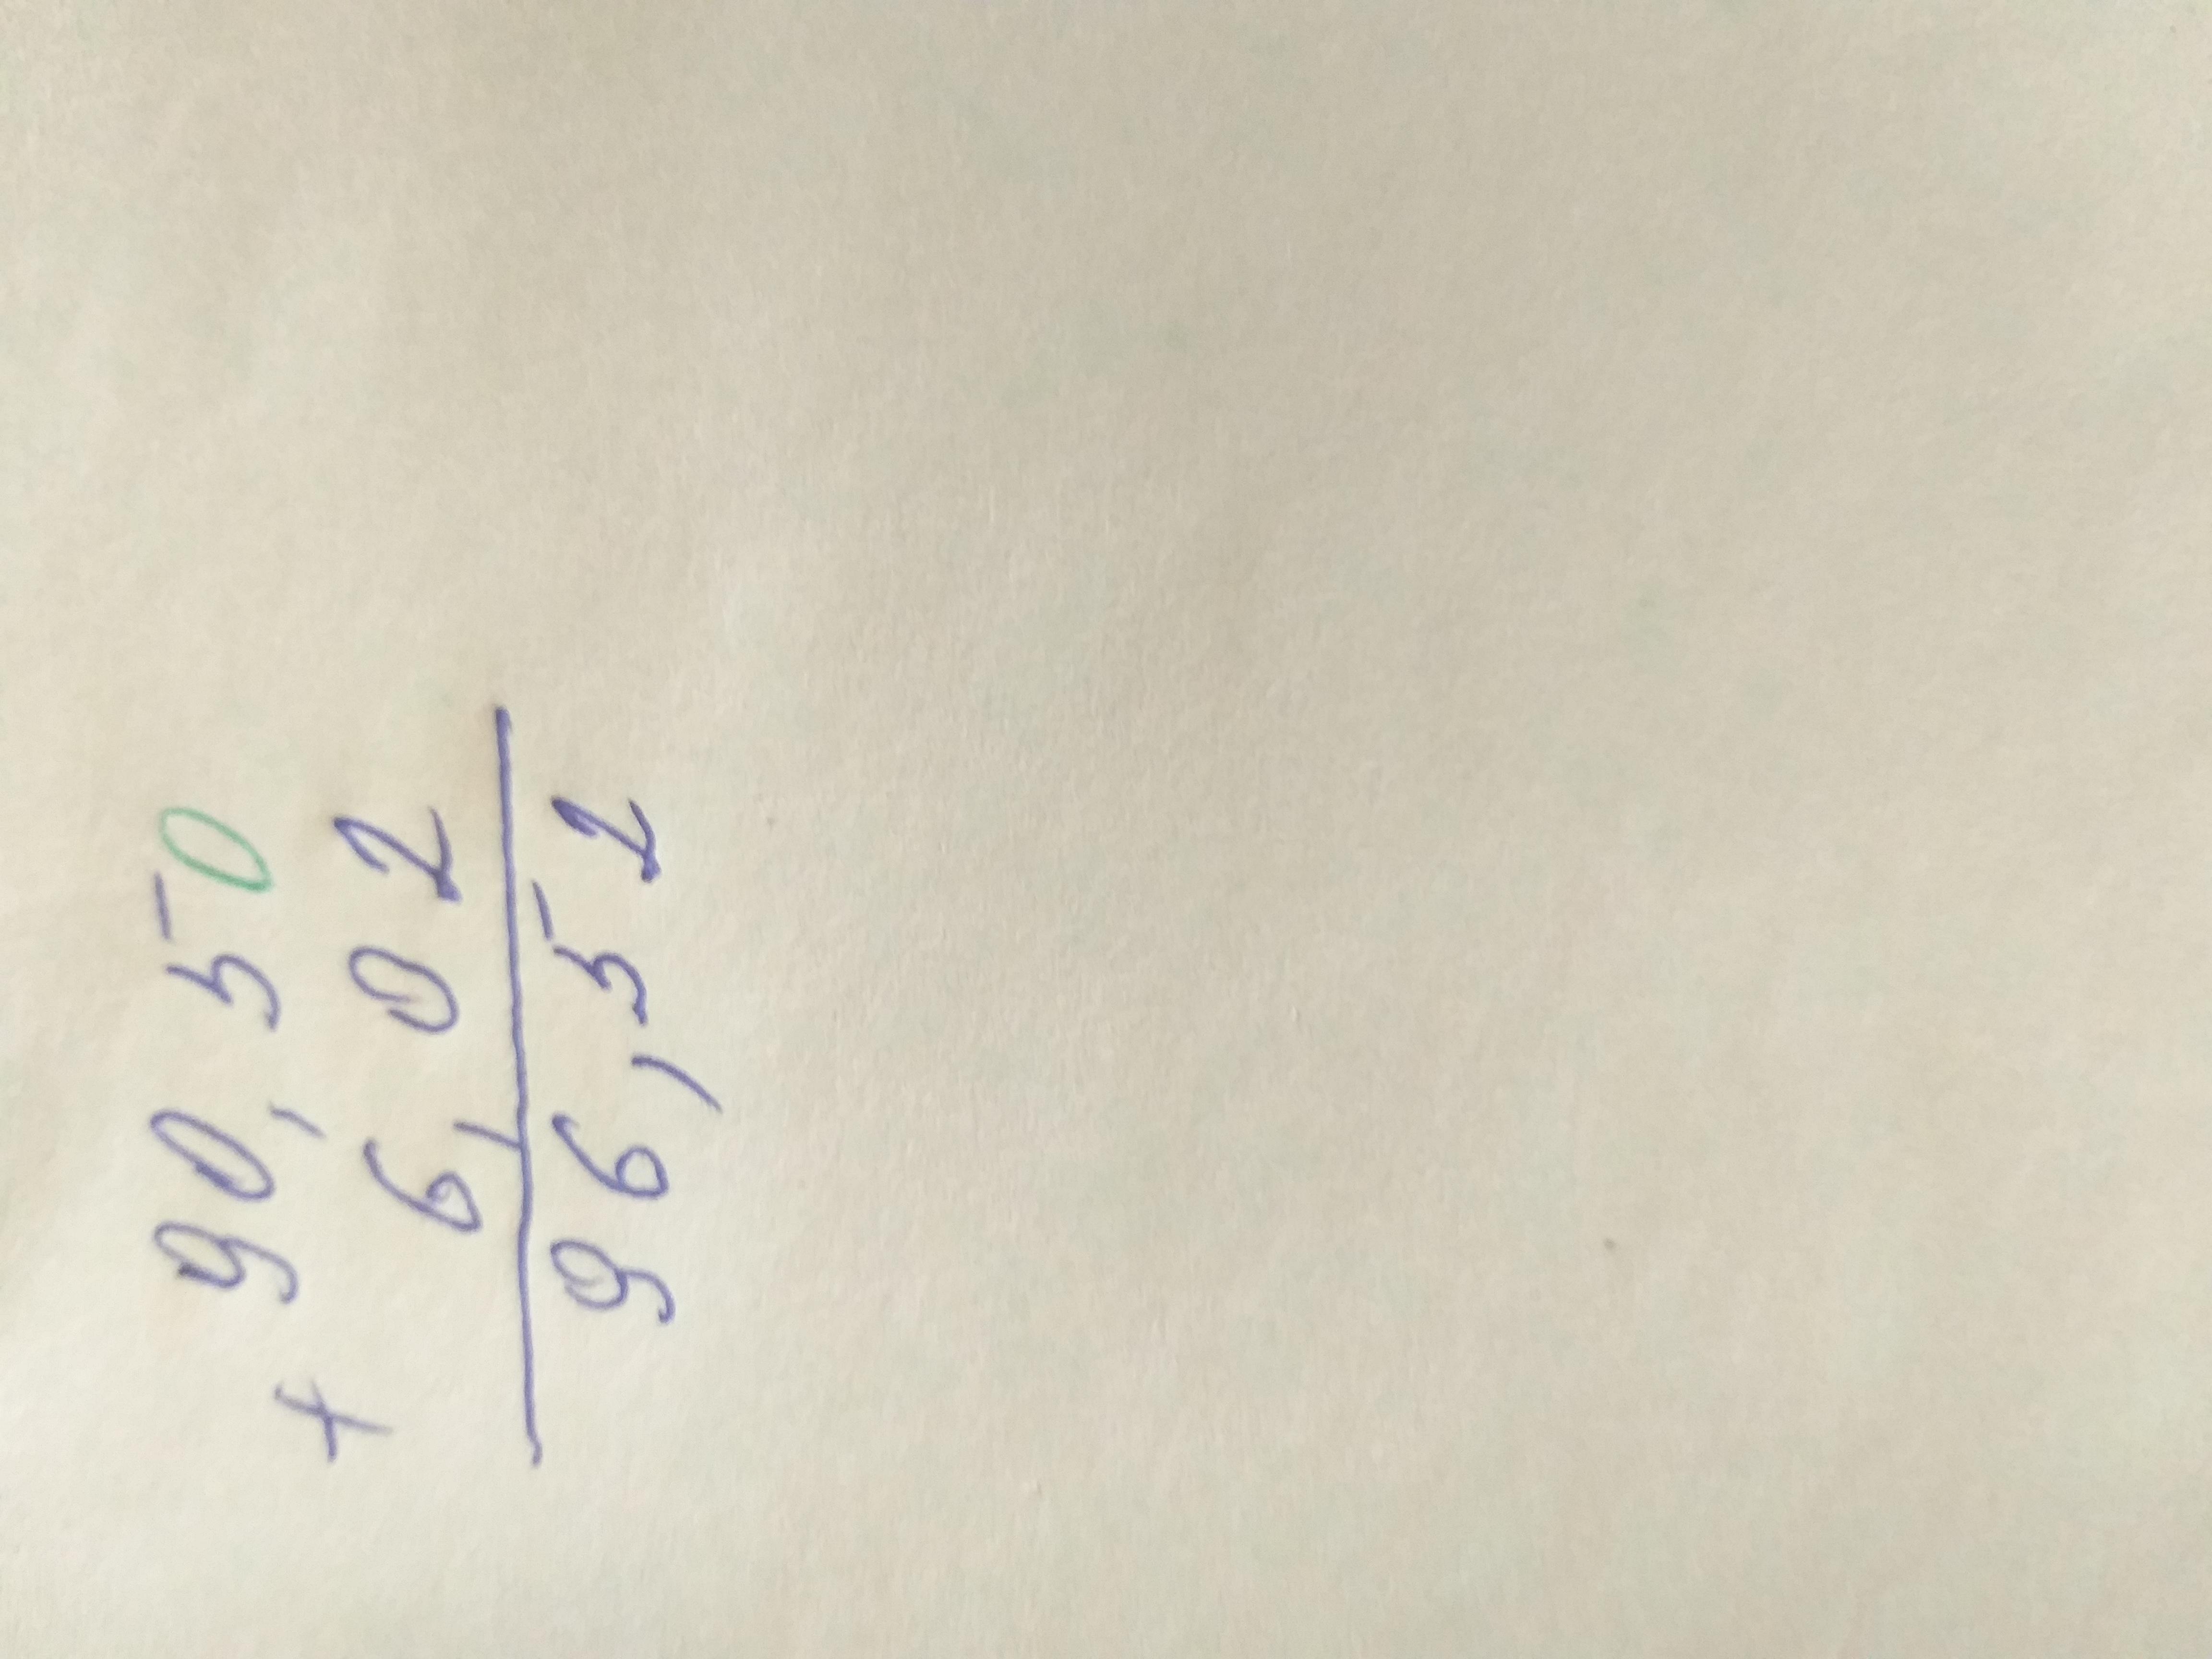 Выполни сложение десятичных дробей: 90,5 + 6,02